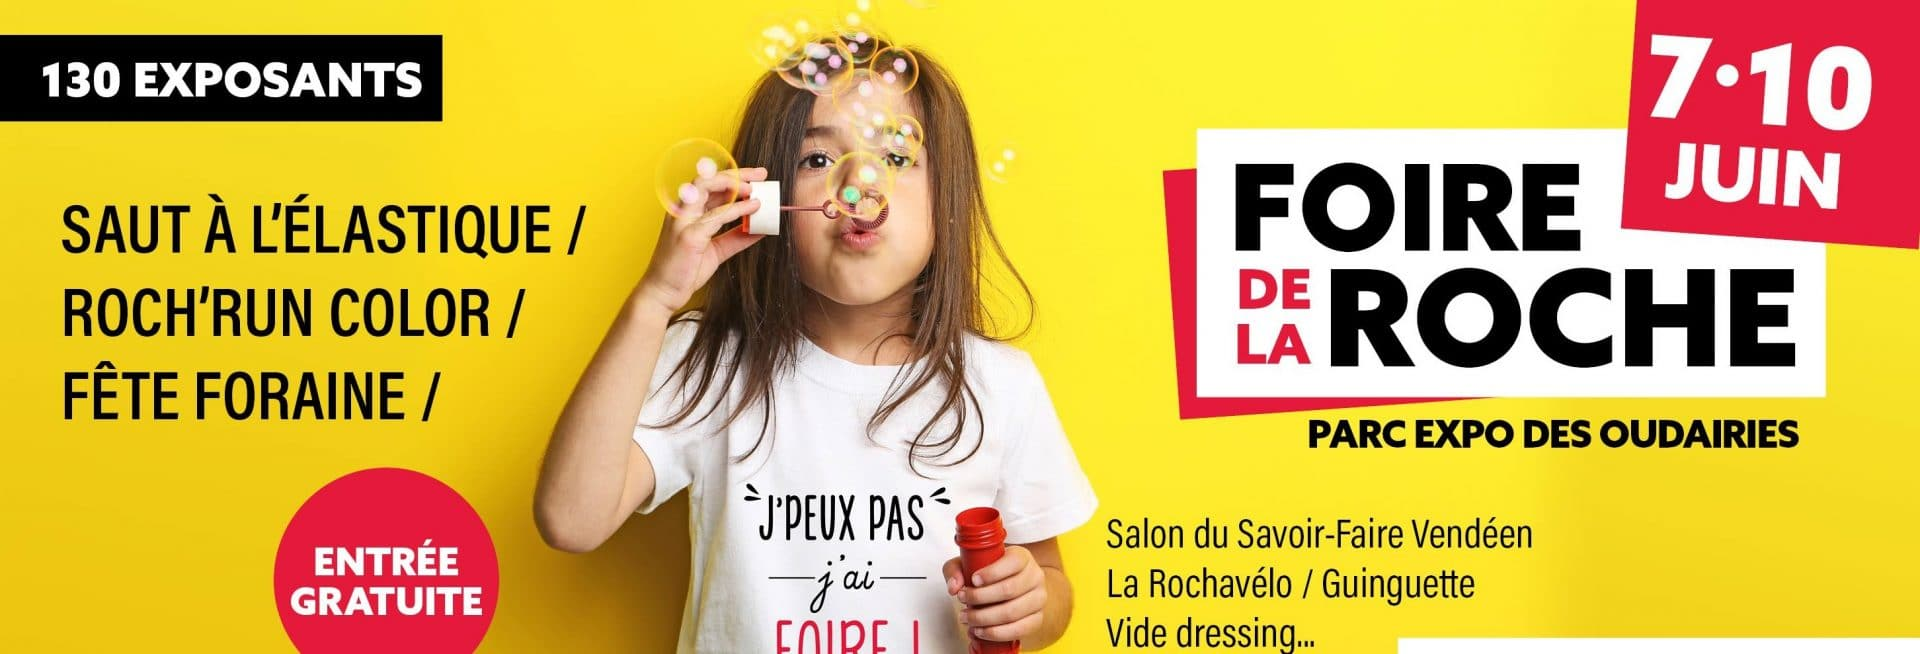 Rencontrez illiCO travaux à la Foire de La Roche-sur-Yon